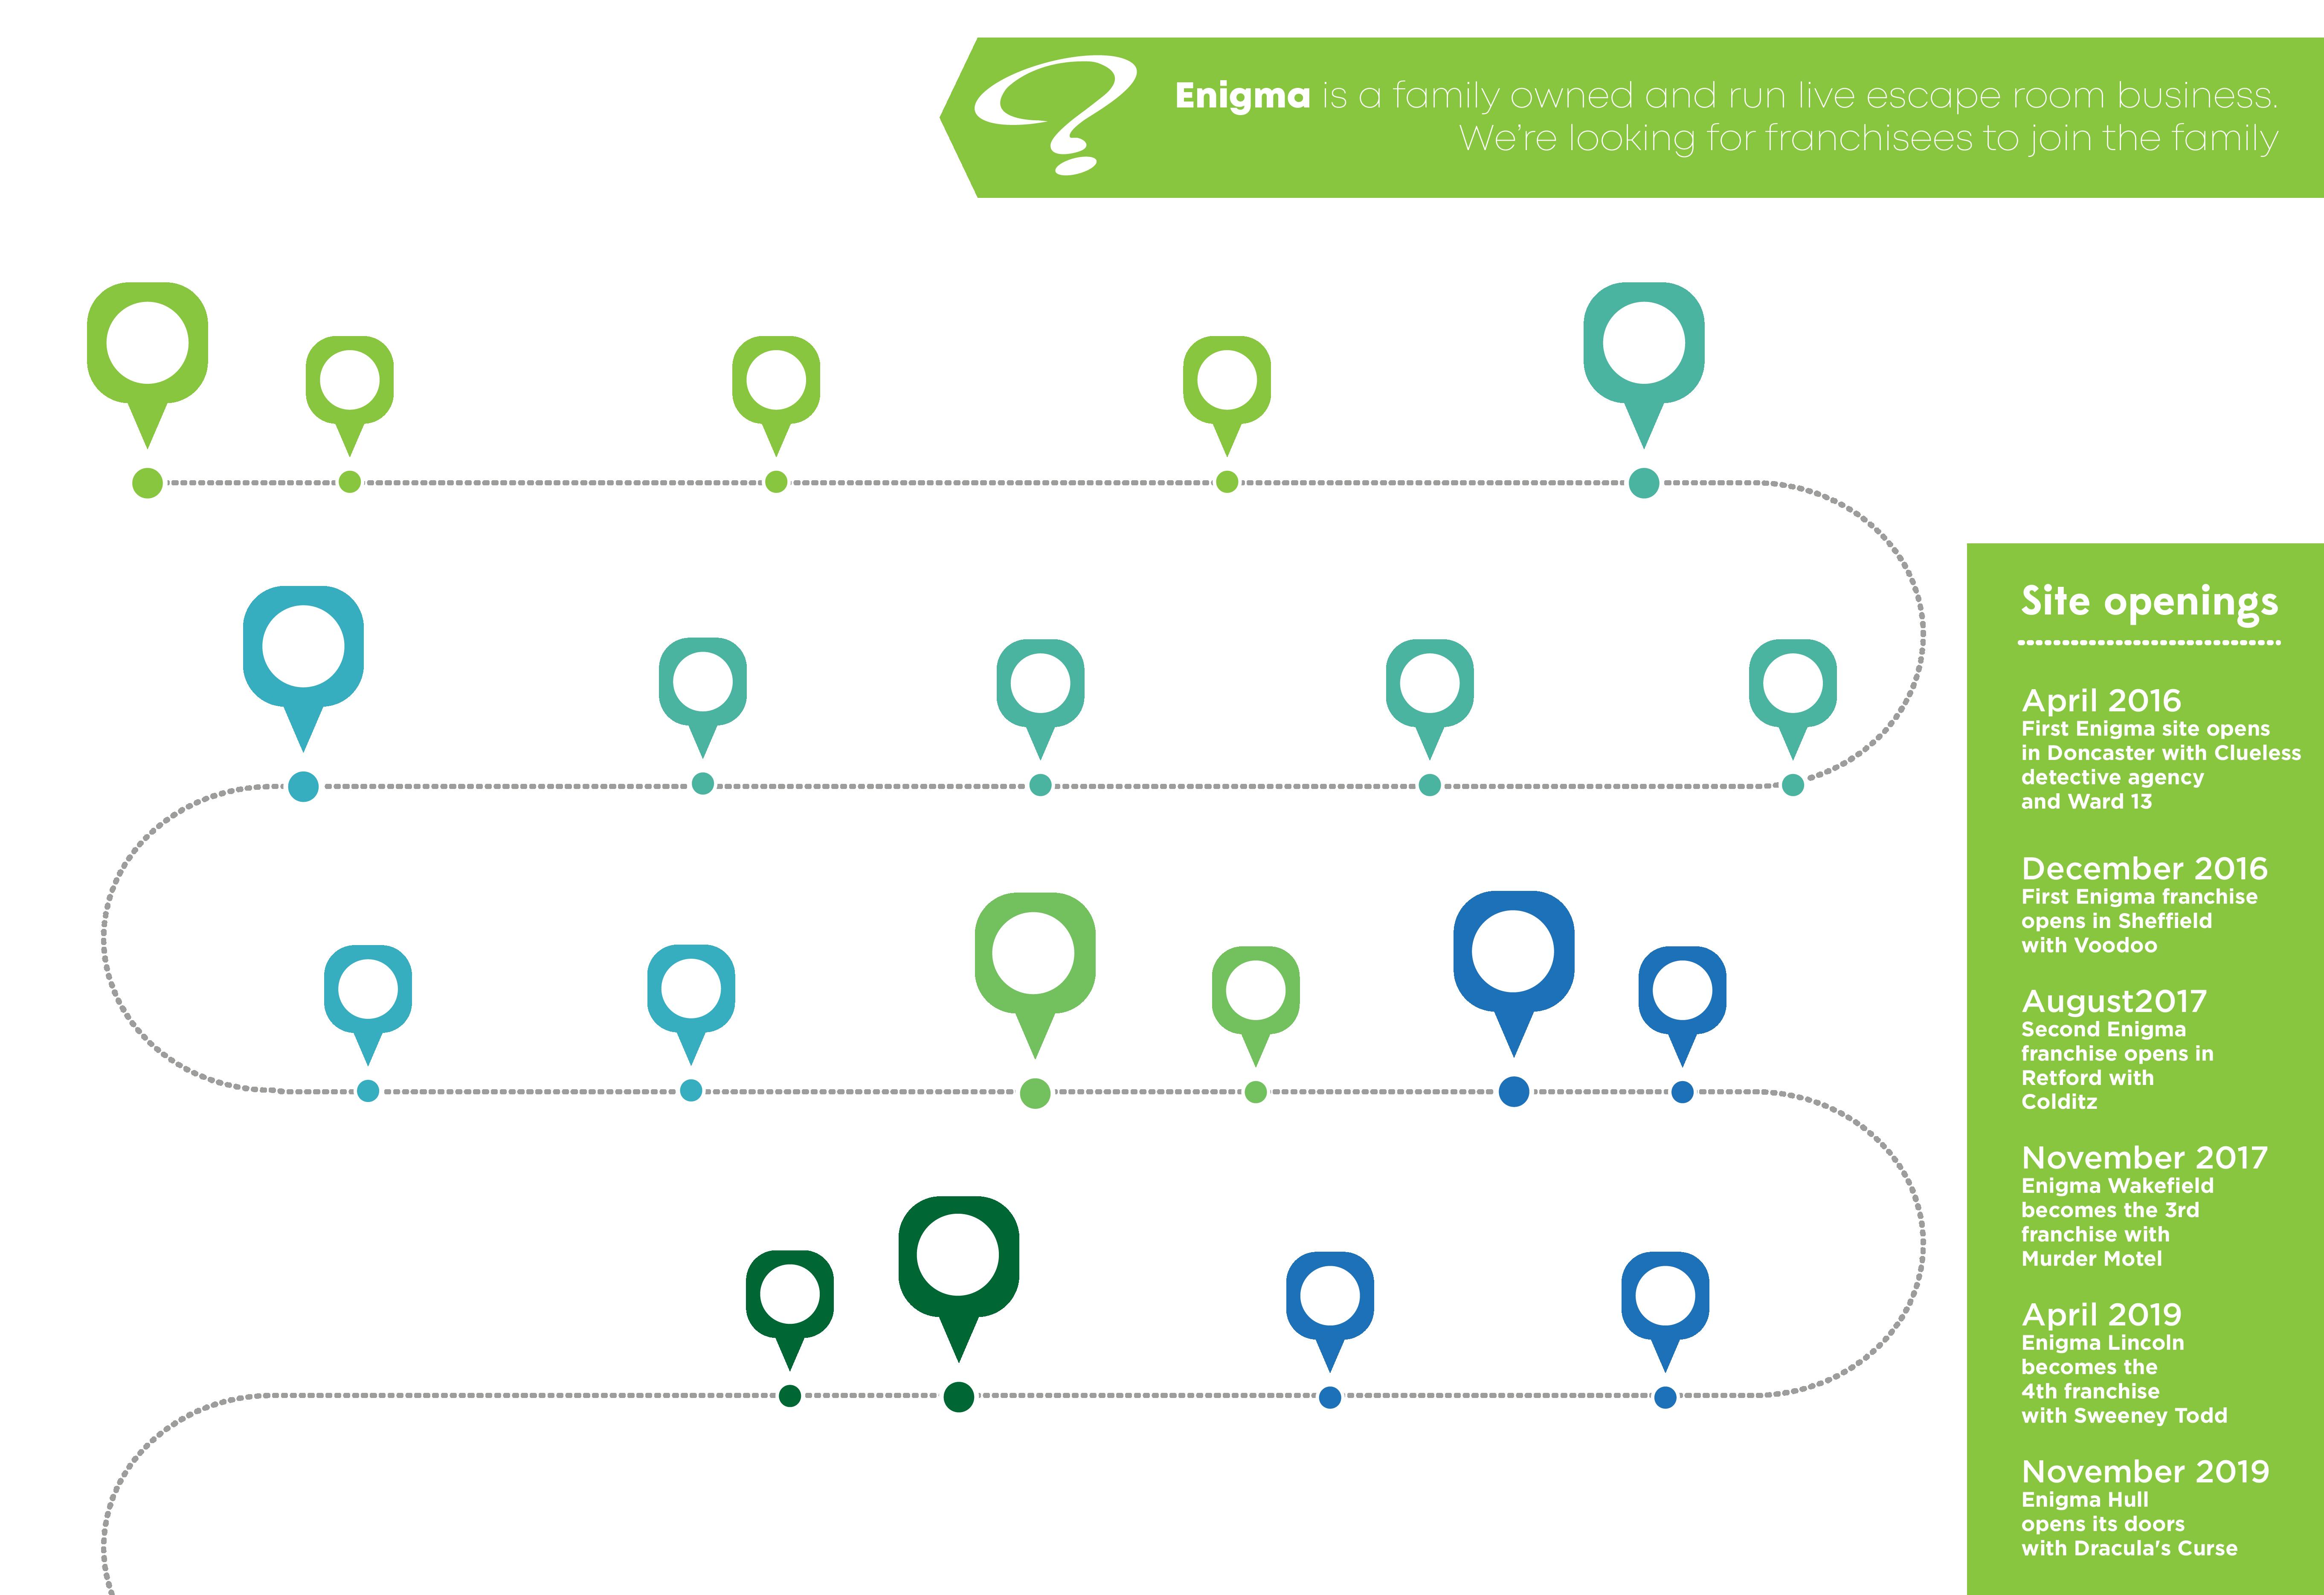 Enigma Franchise timeline 2